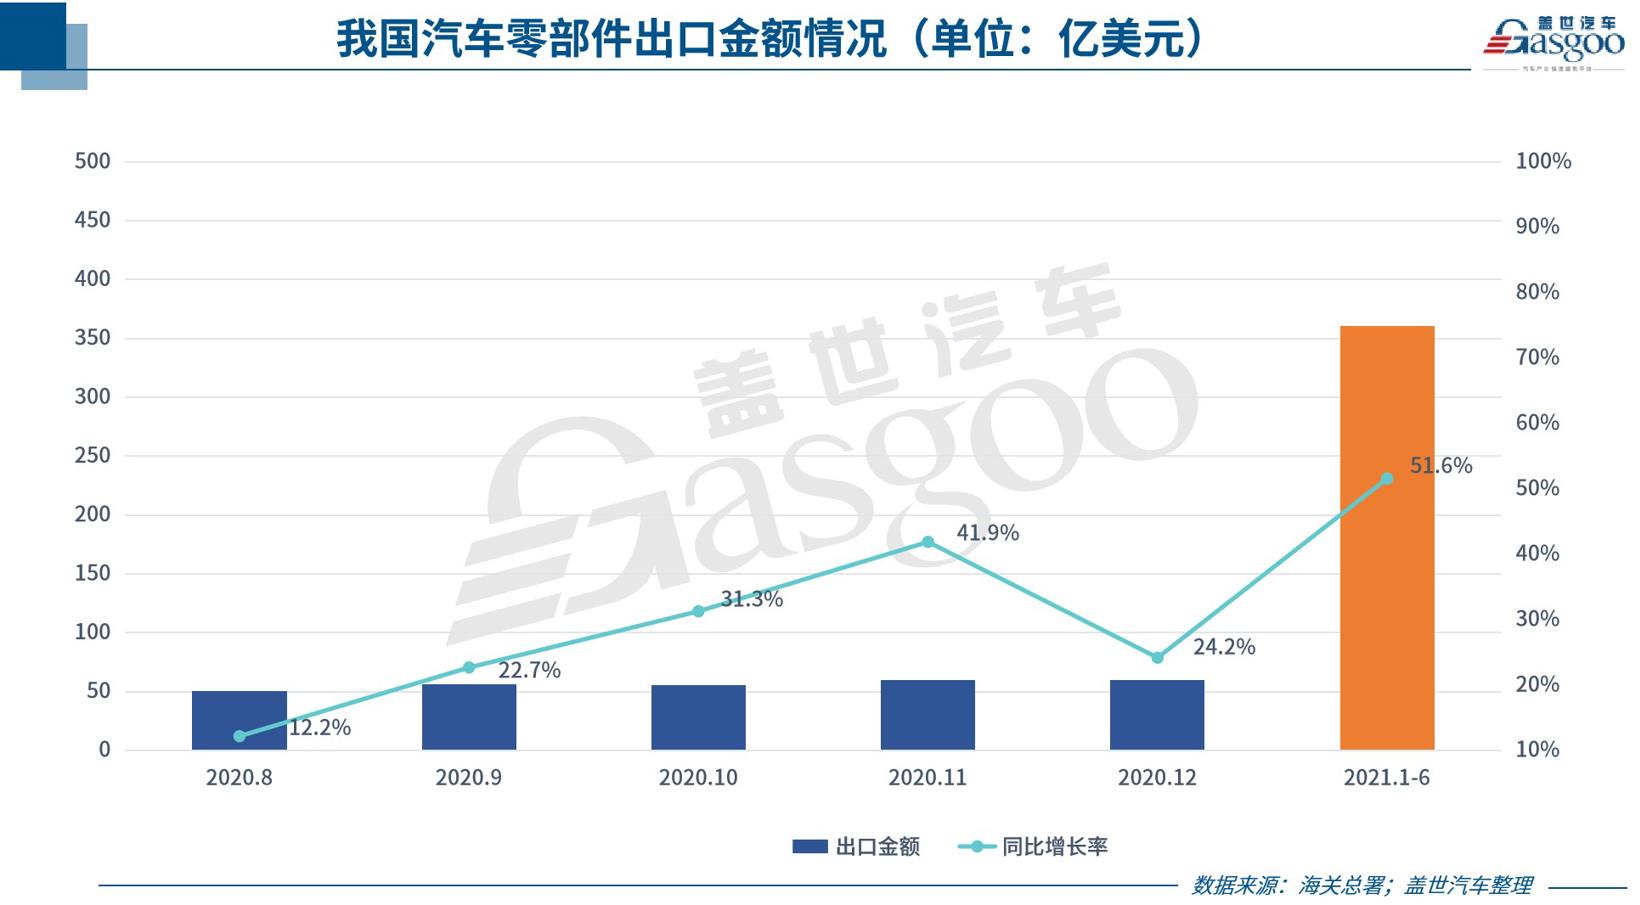 """中国汽车零部件出口持续回暖 """"路障""""增多对汽车产业带来严峻挑战"""